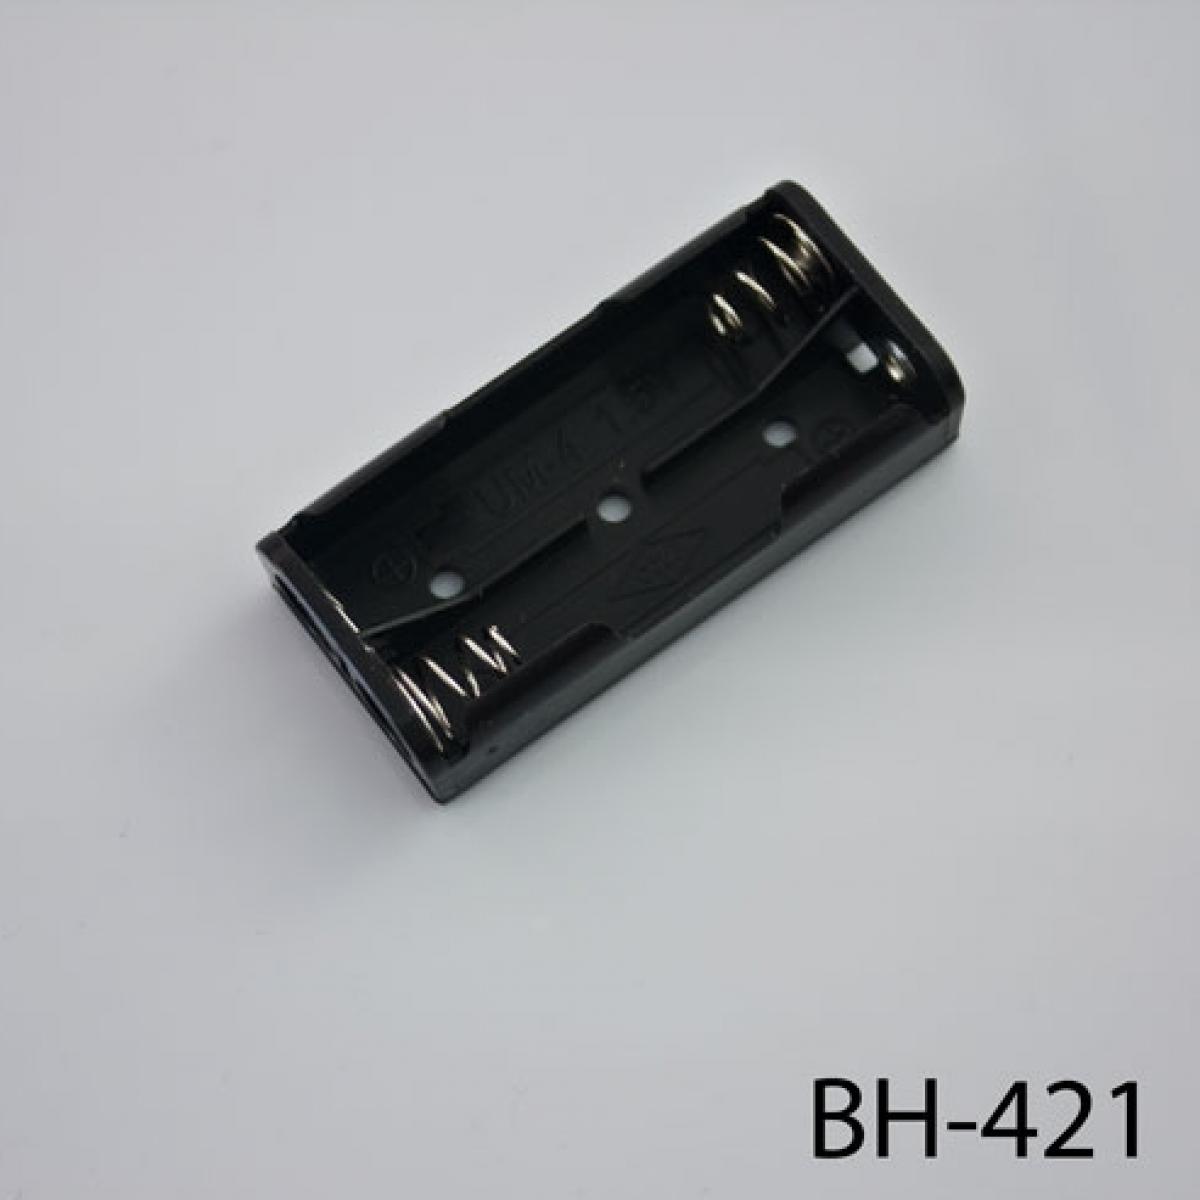 BH-421-D 2xAAA